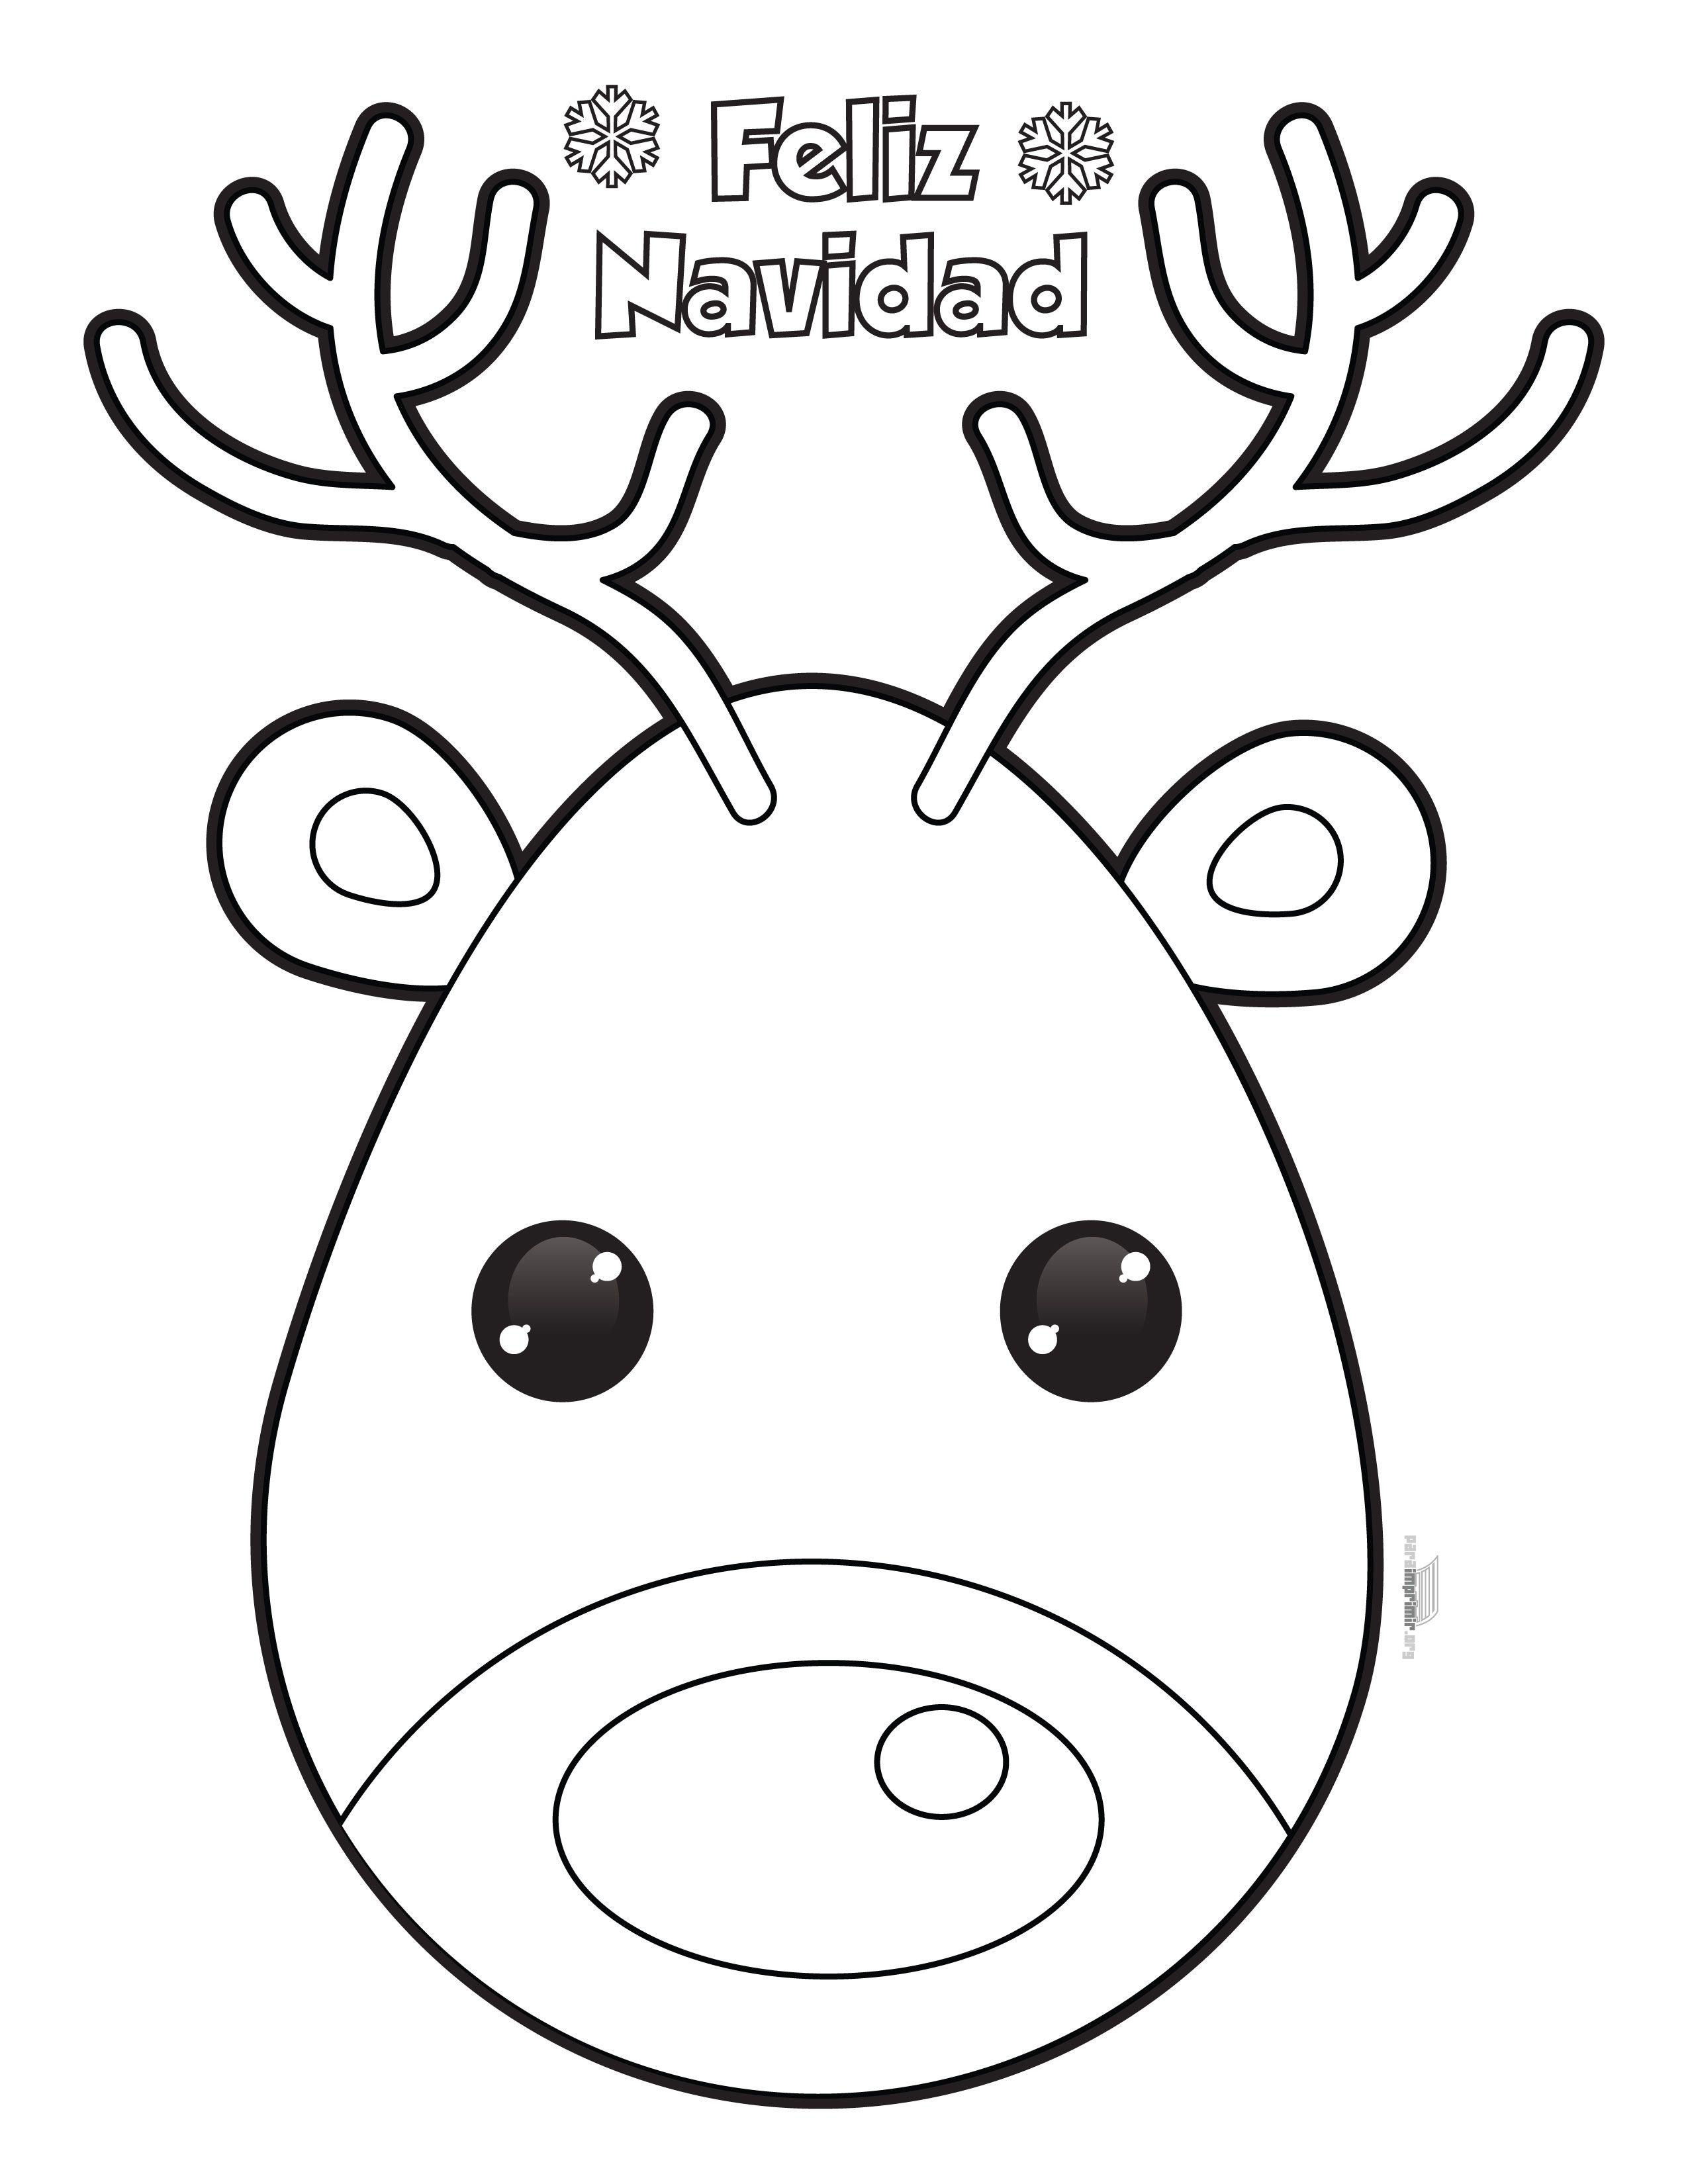 Reno De Navidad Para Colorear Y Para Imprimir Jpg 2550 3300 Dibujos Navidenos Para Ninos Dibujos De Navidad Para Imprimir Dibujos De Renos